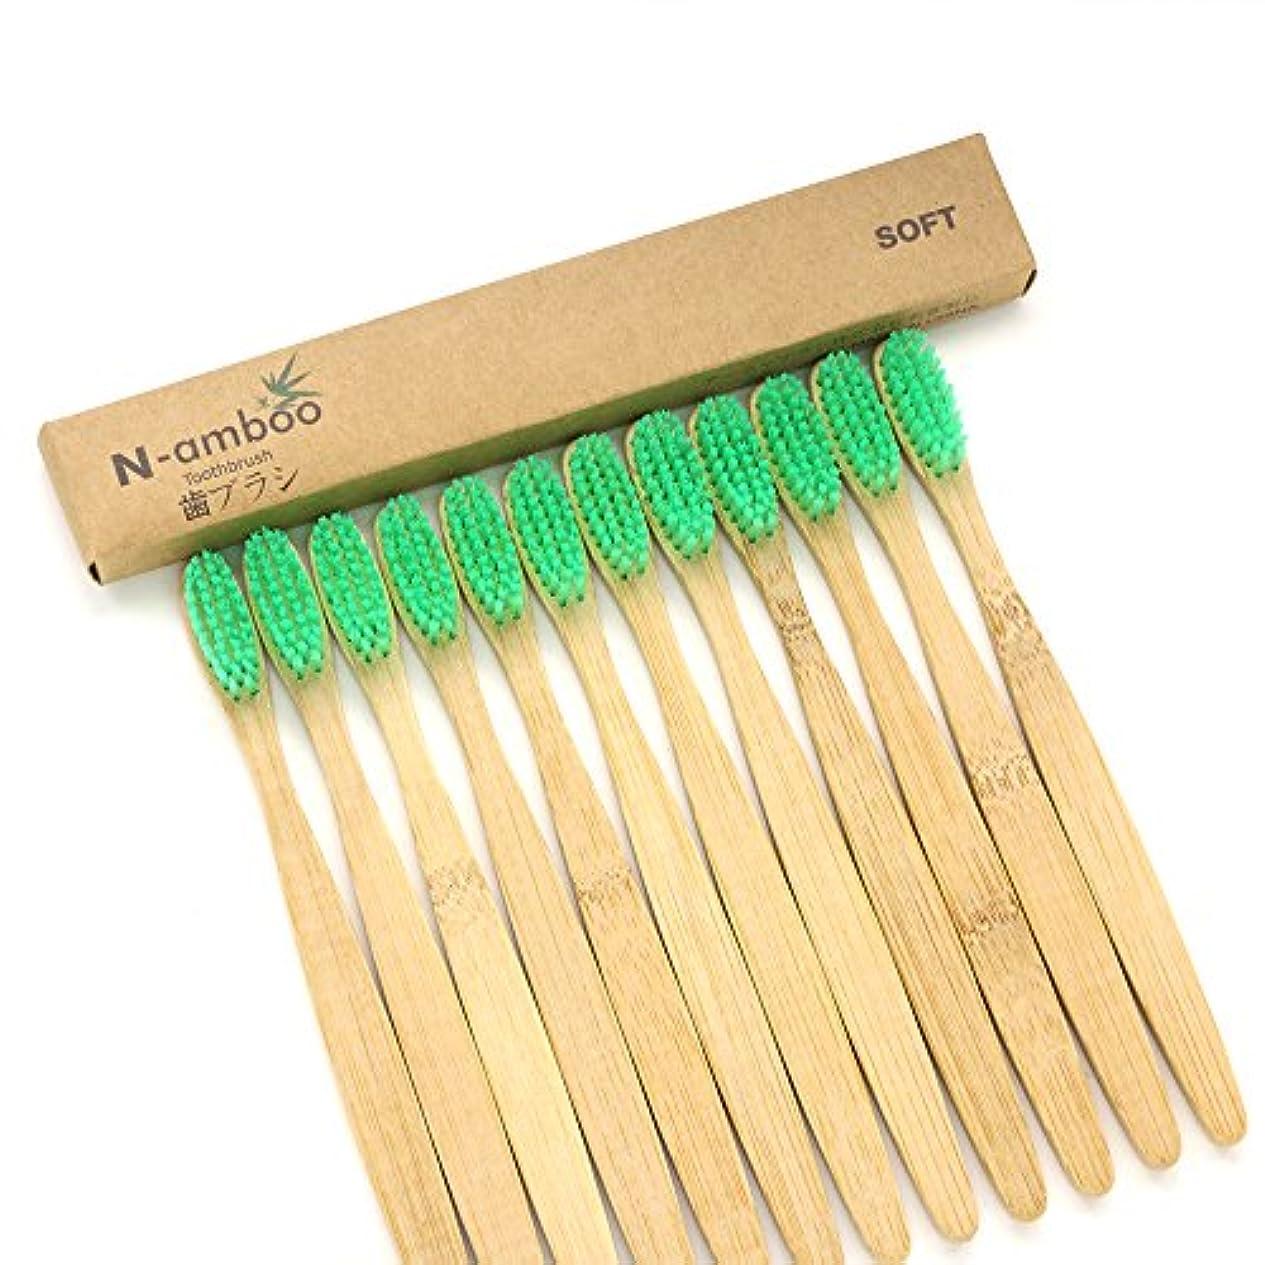 広い眠っている干渉するN-amboo 竹製 歯ブラシ 高耐久性 セット エコ 軽量 12本入り 緑 セット